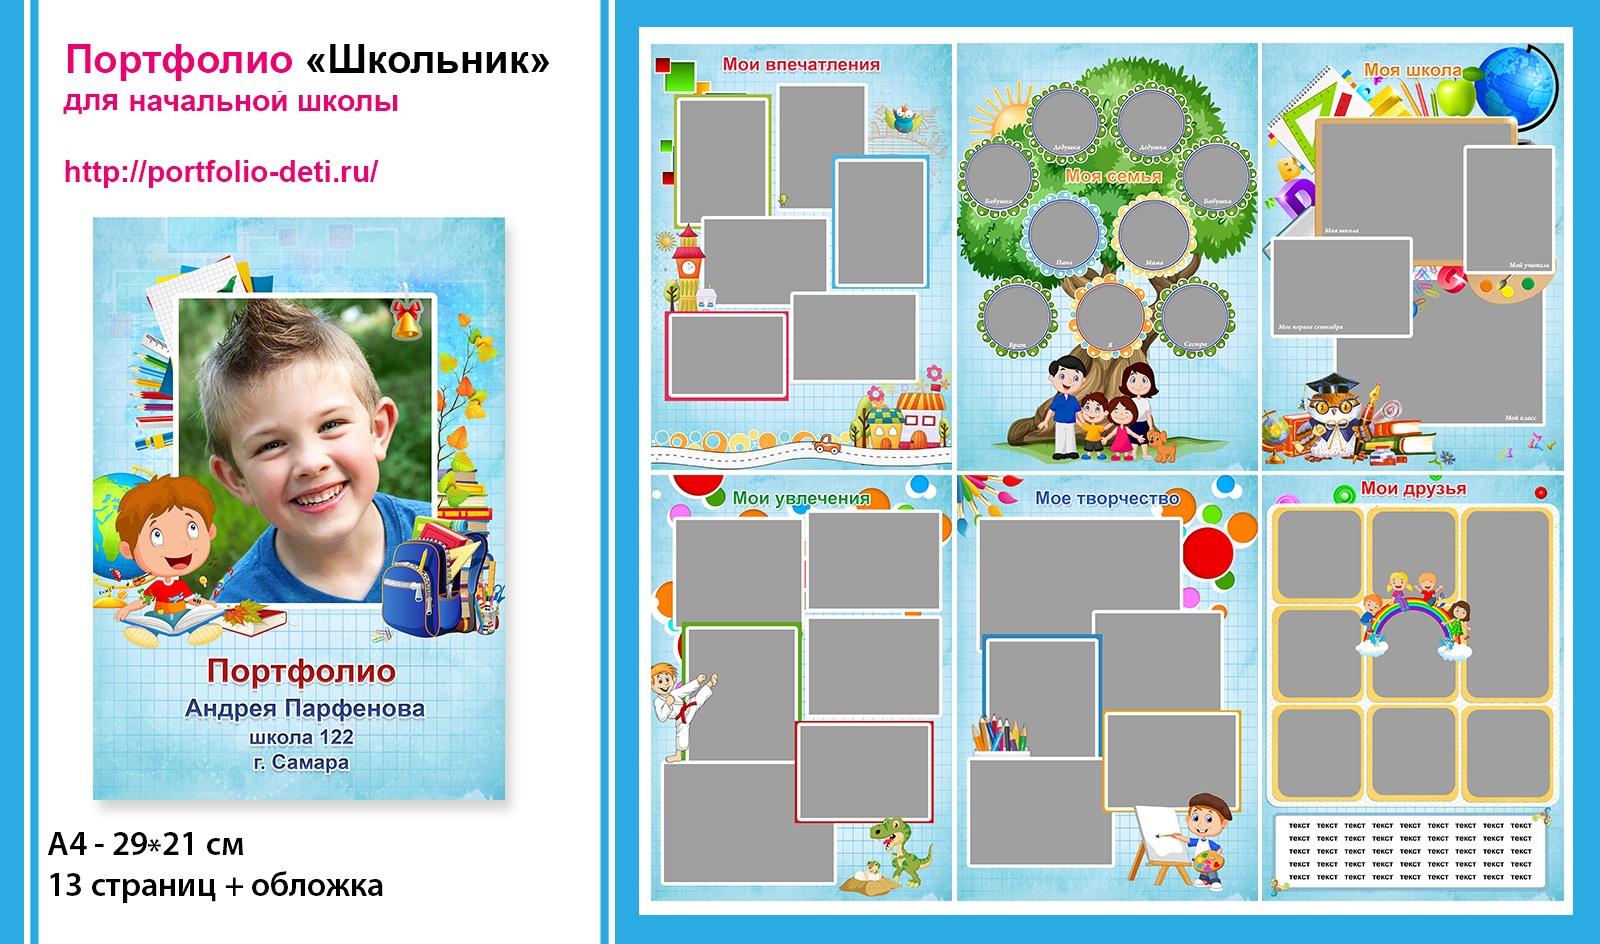 Шаблон портфолио для мальчика, ученика начальной школы